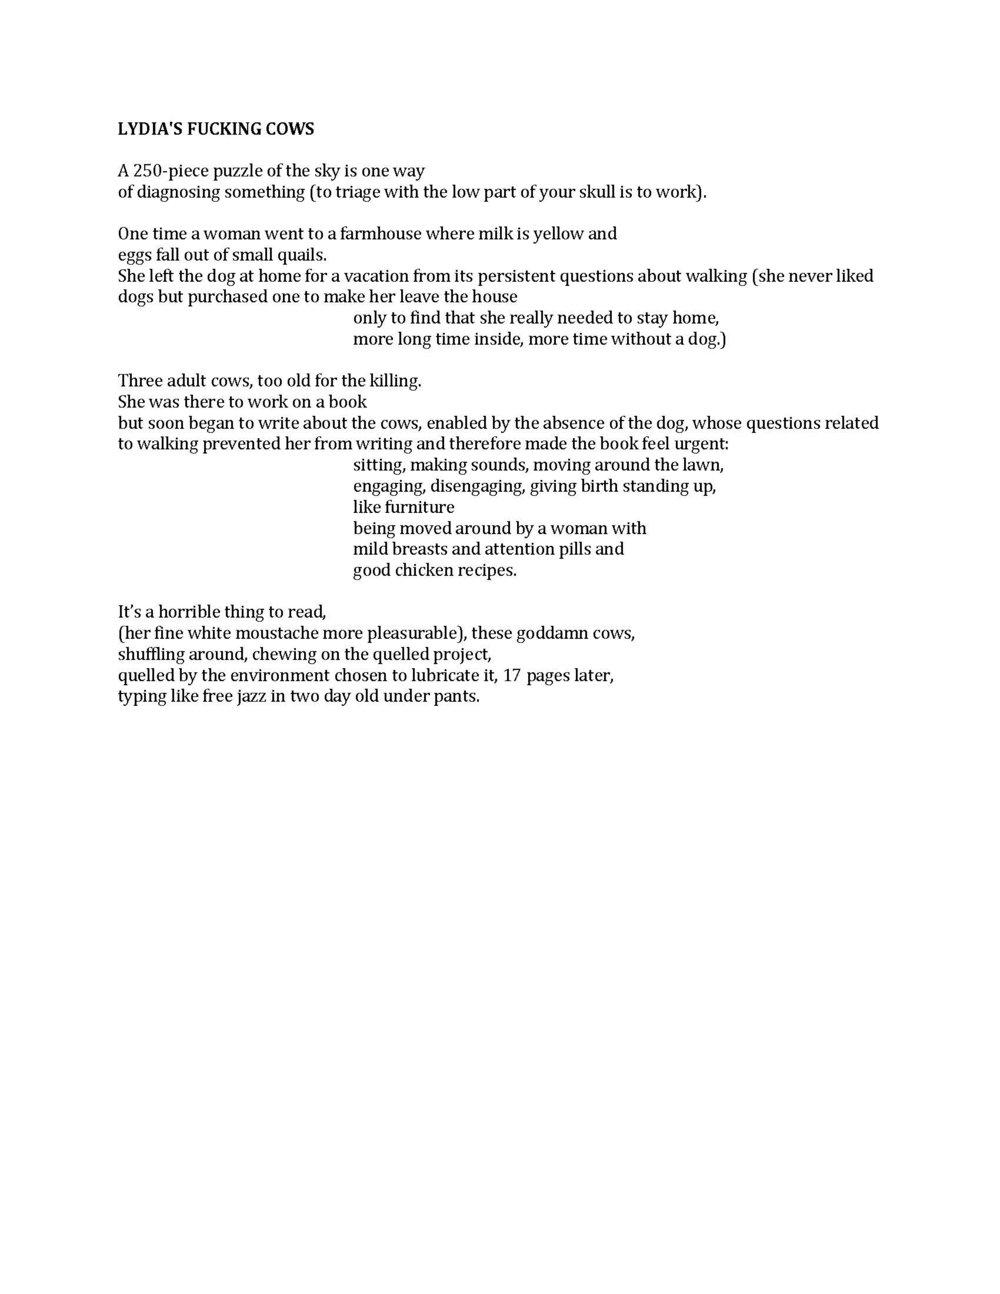 cabin fever poems_bruneau_Page_3.jpg